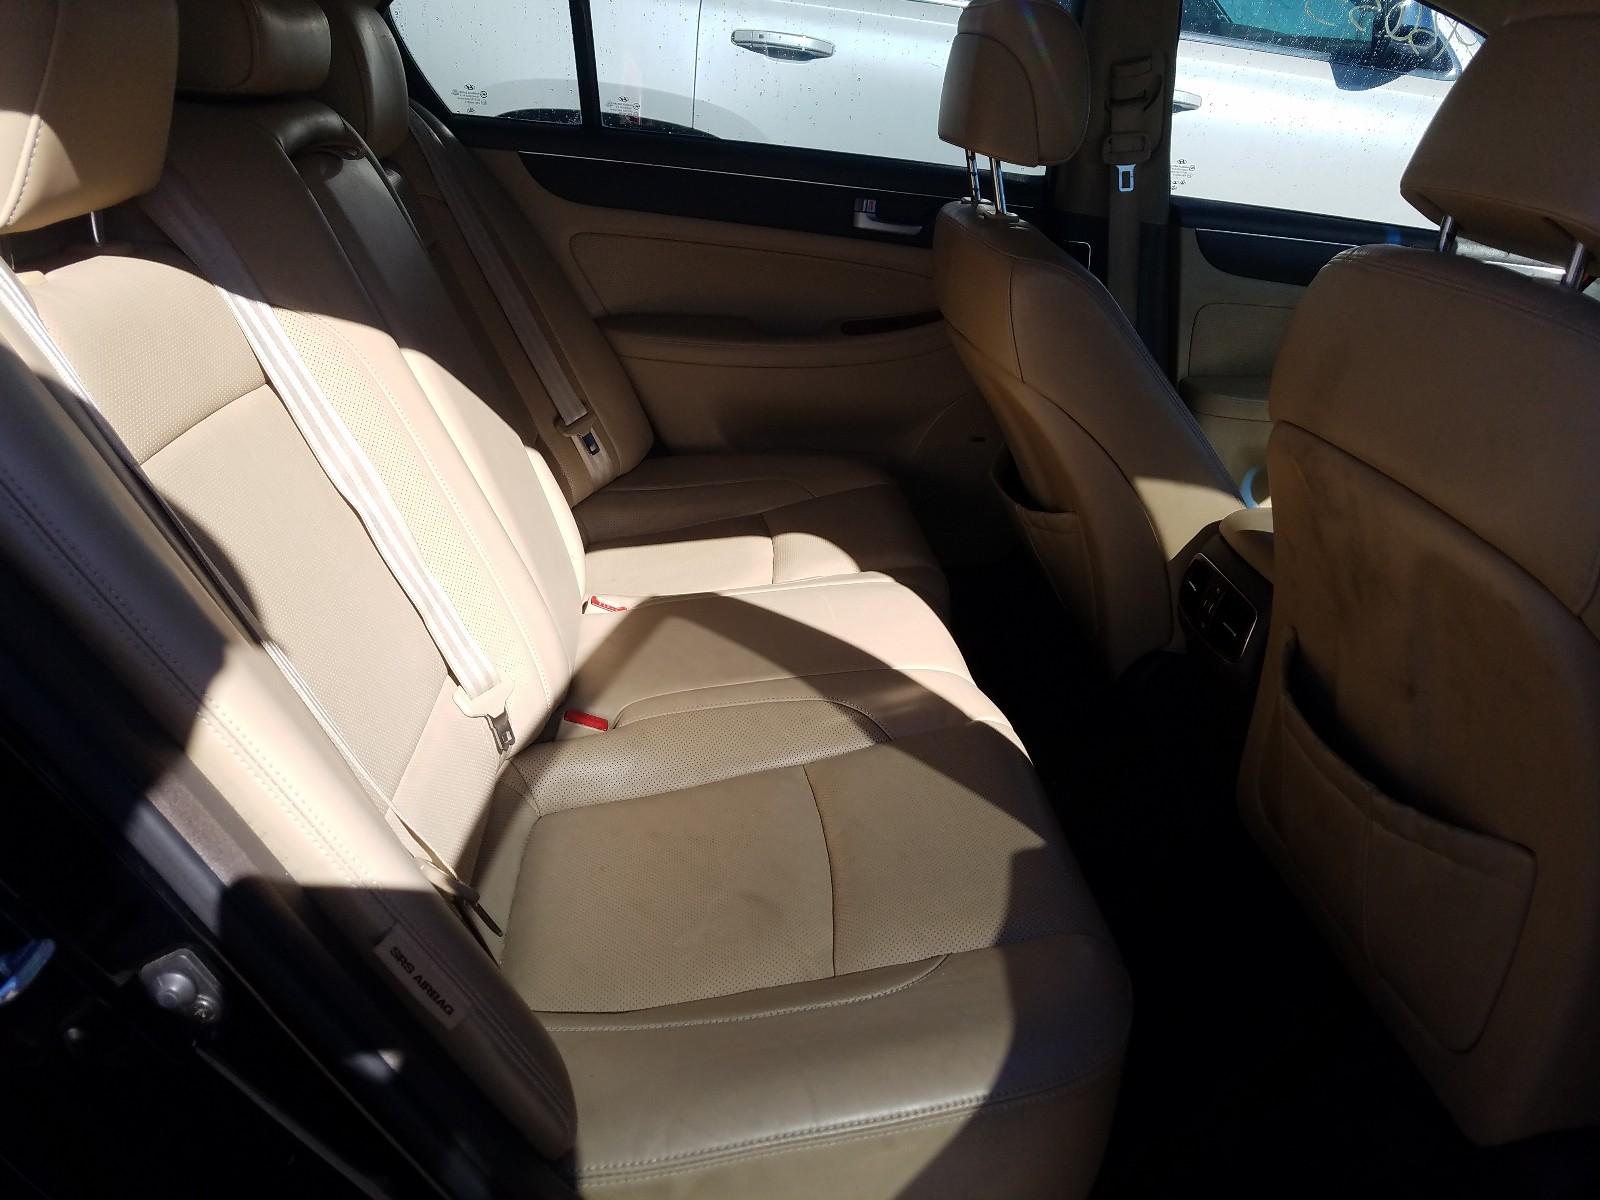 2012 Hyundai Genesis 4. 4.6L detail view